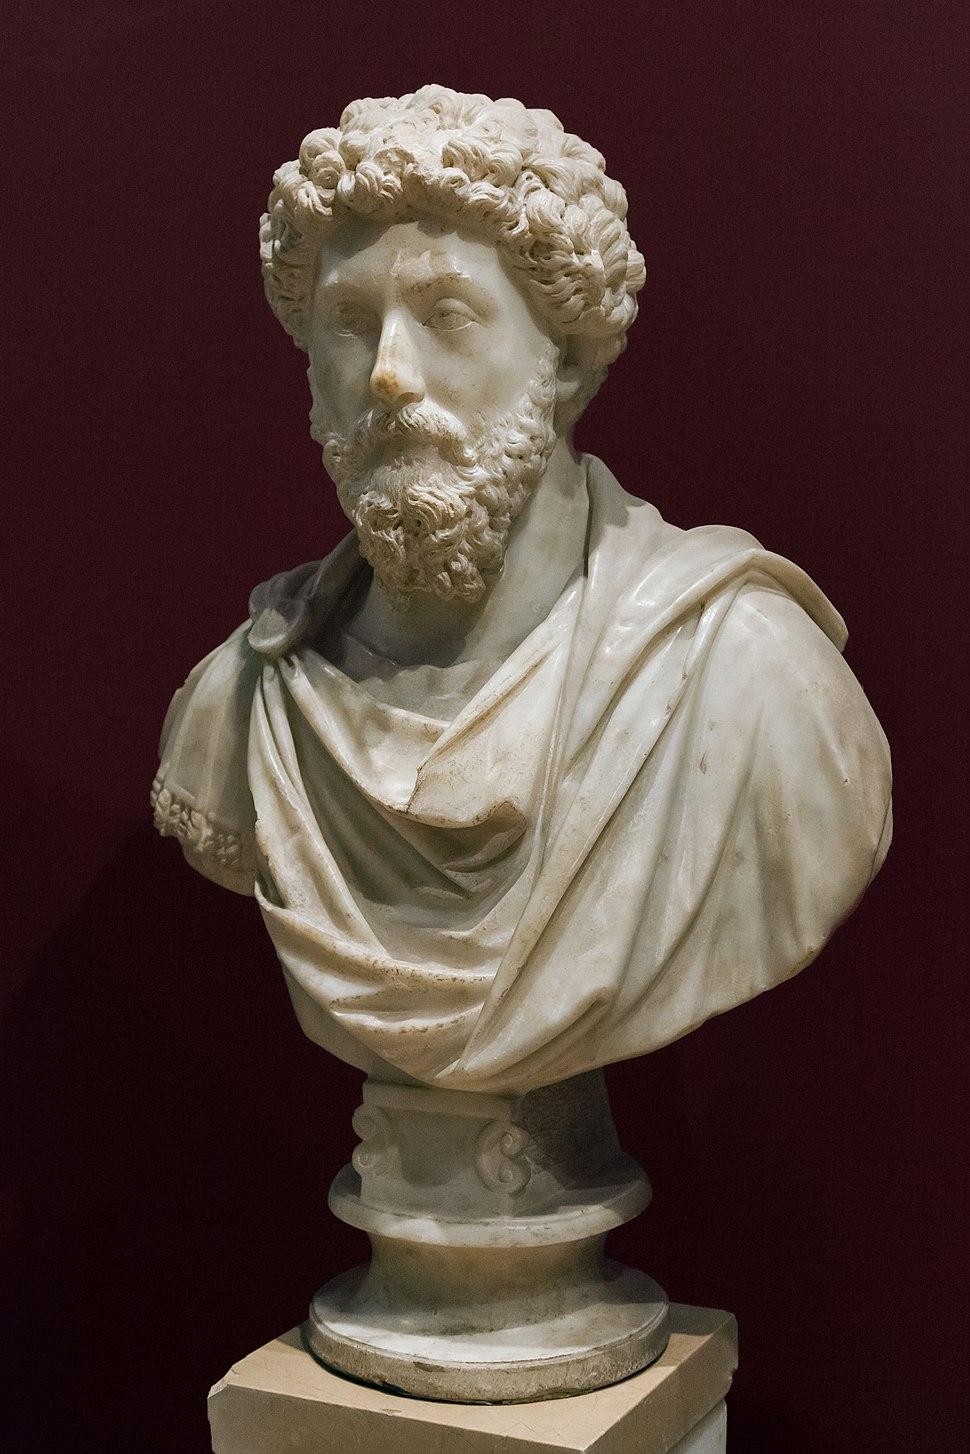 Marcus Aurelius bust Istanbul Archaeological Museum - inv. 5129 T